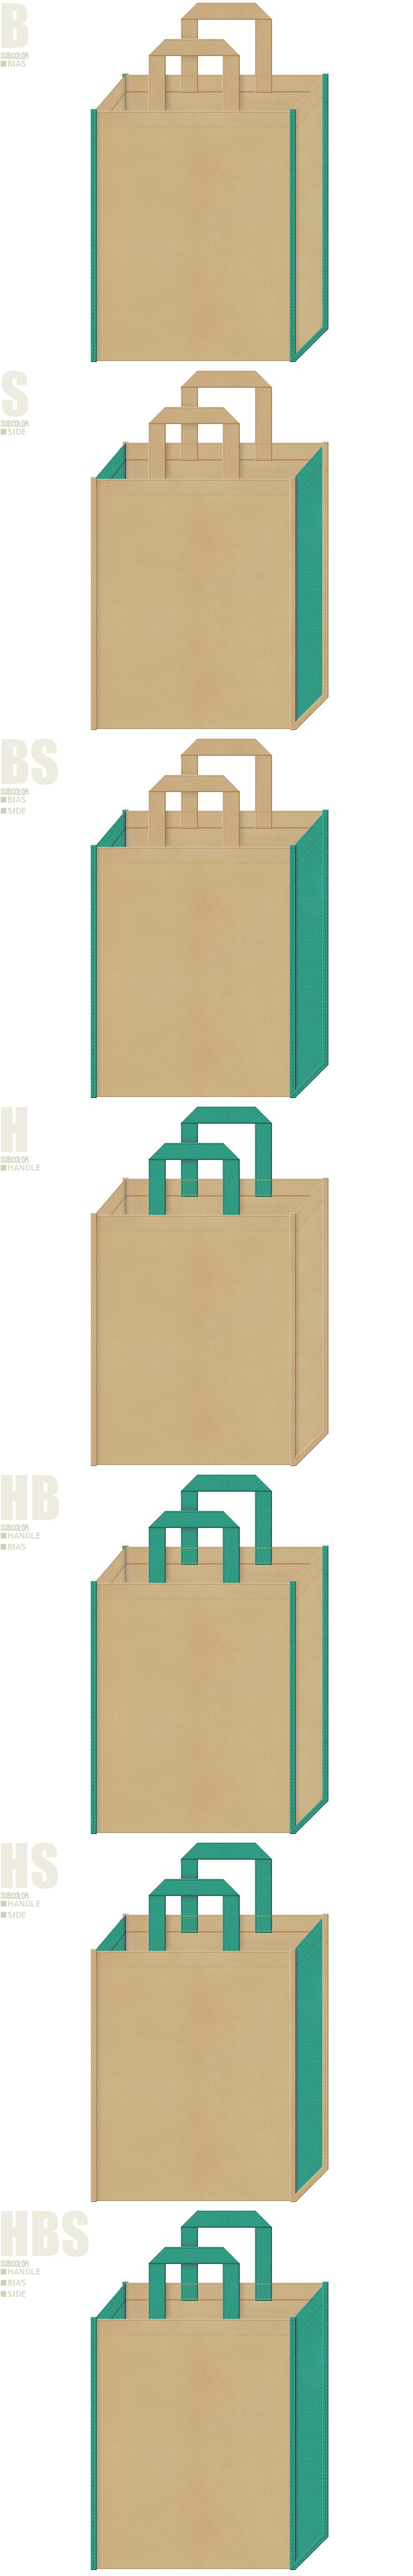 農業・種苗・肥料・園芸用品の展示会用バッグにお奨めの不織布バッグデザイン:カーキ色と青緑色の配色7パターン。